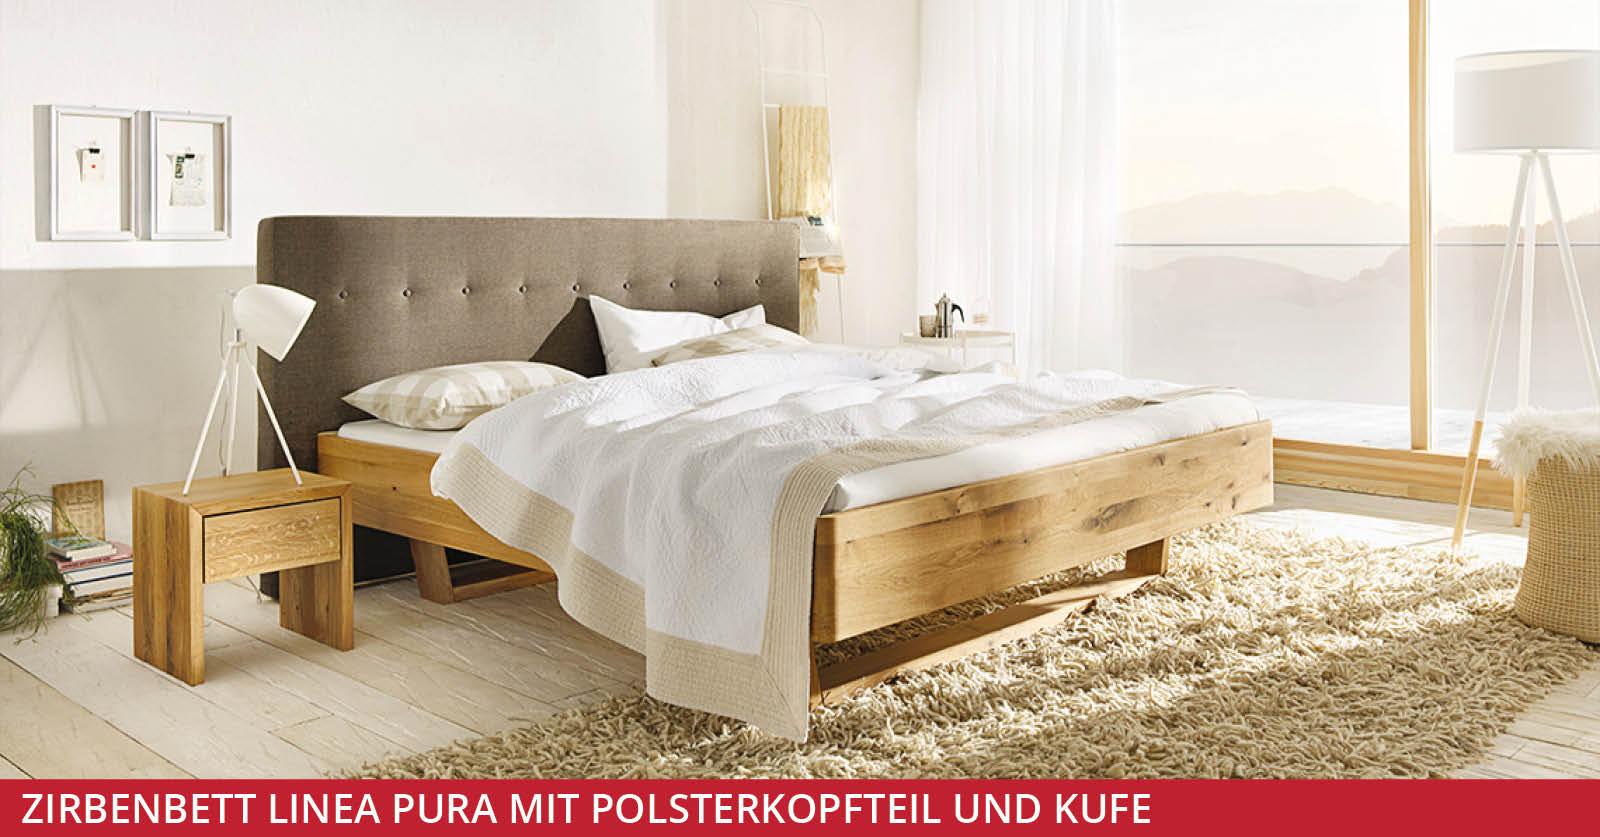 Zirbenbett-Linea-Pura-mit-Polsterkopfteil-und-Kufe